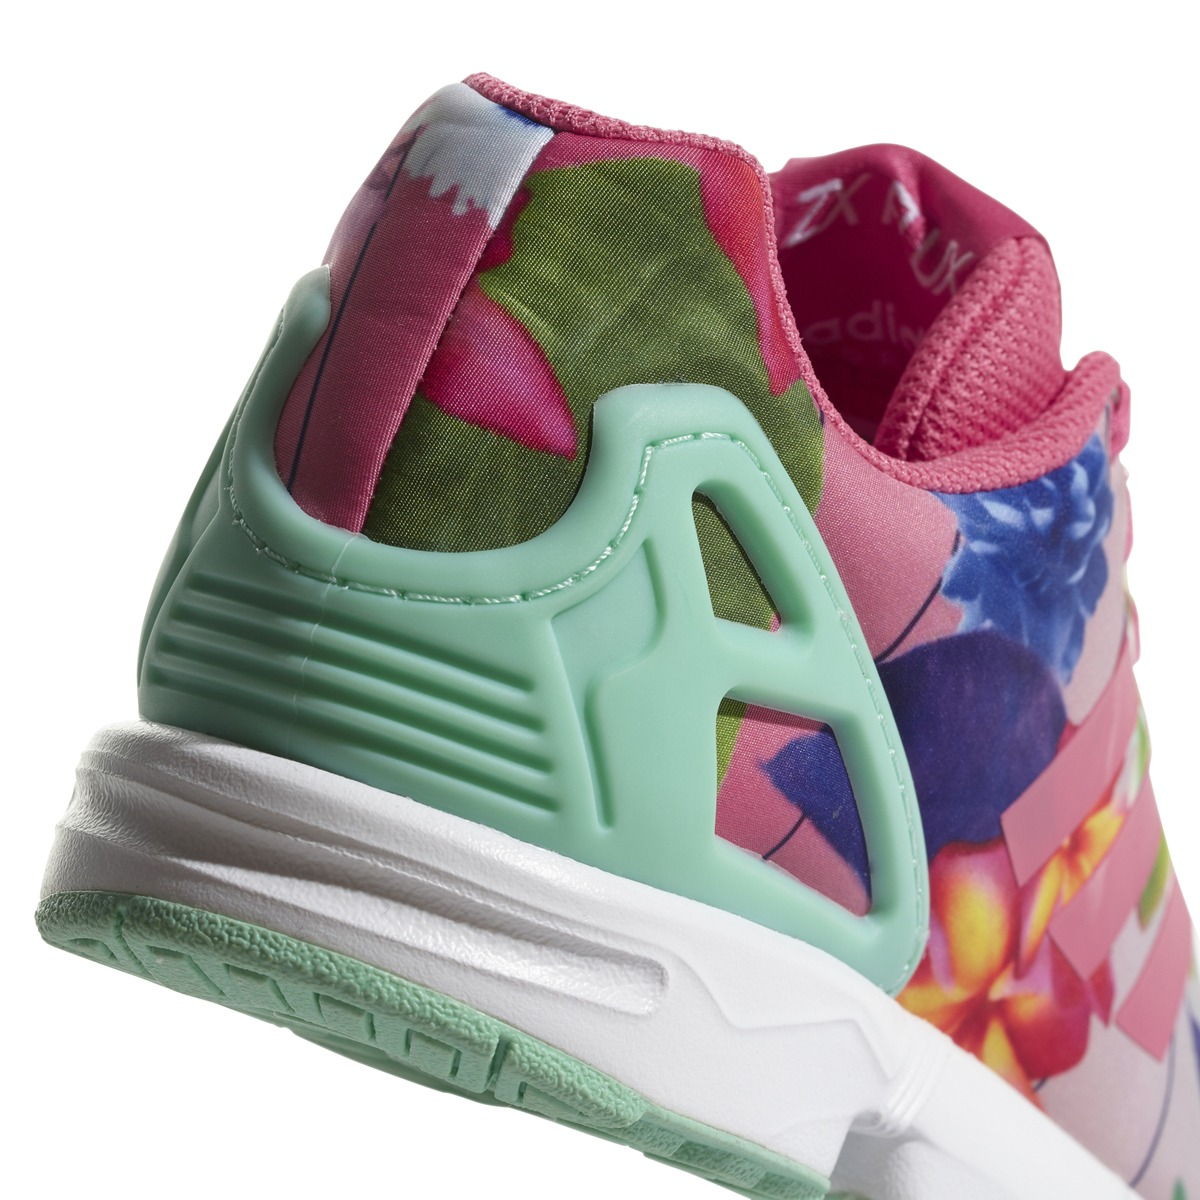 on sale 97030 93bcd Zapatillas adidas Originals Moda Zx Flux J Niña Fu/va